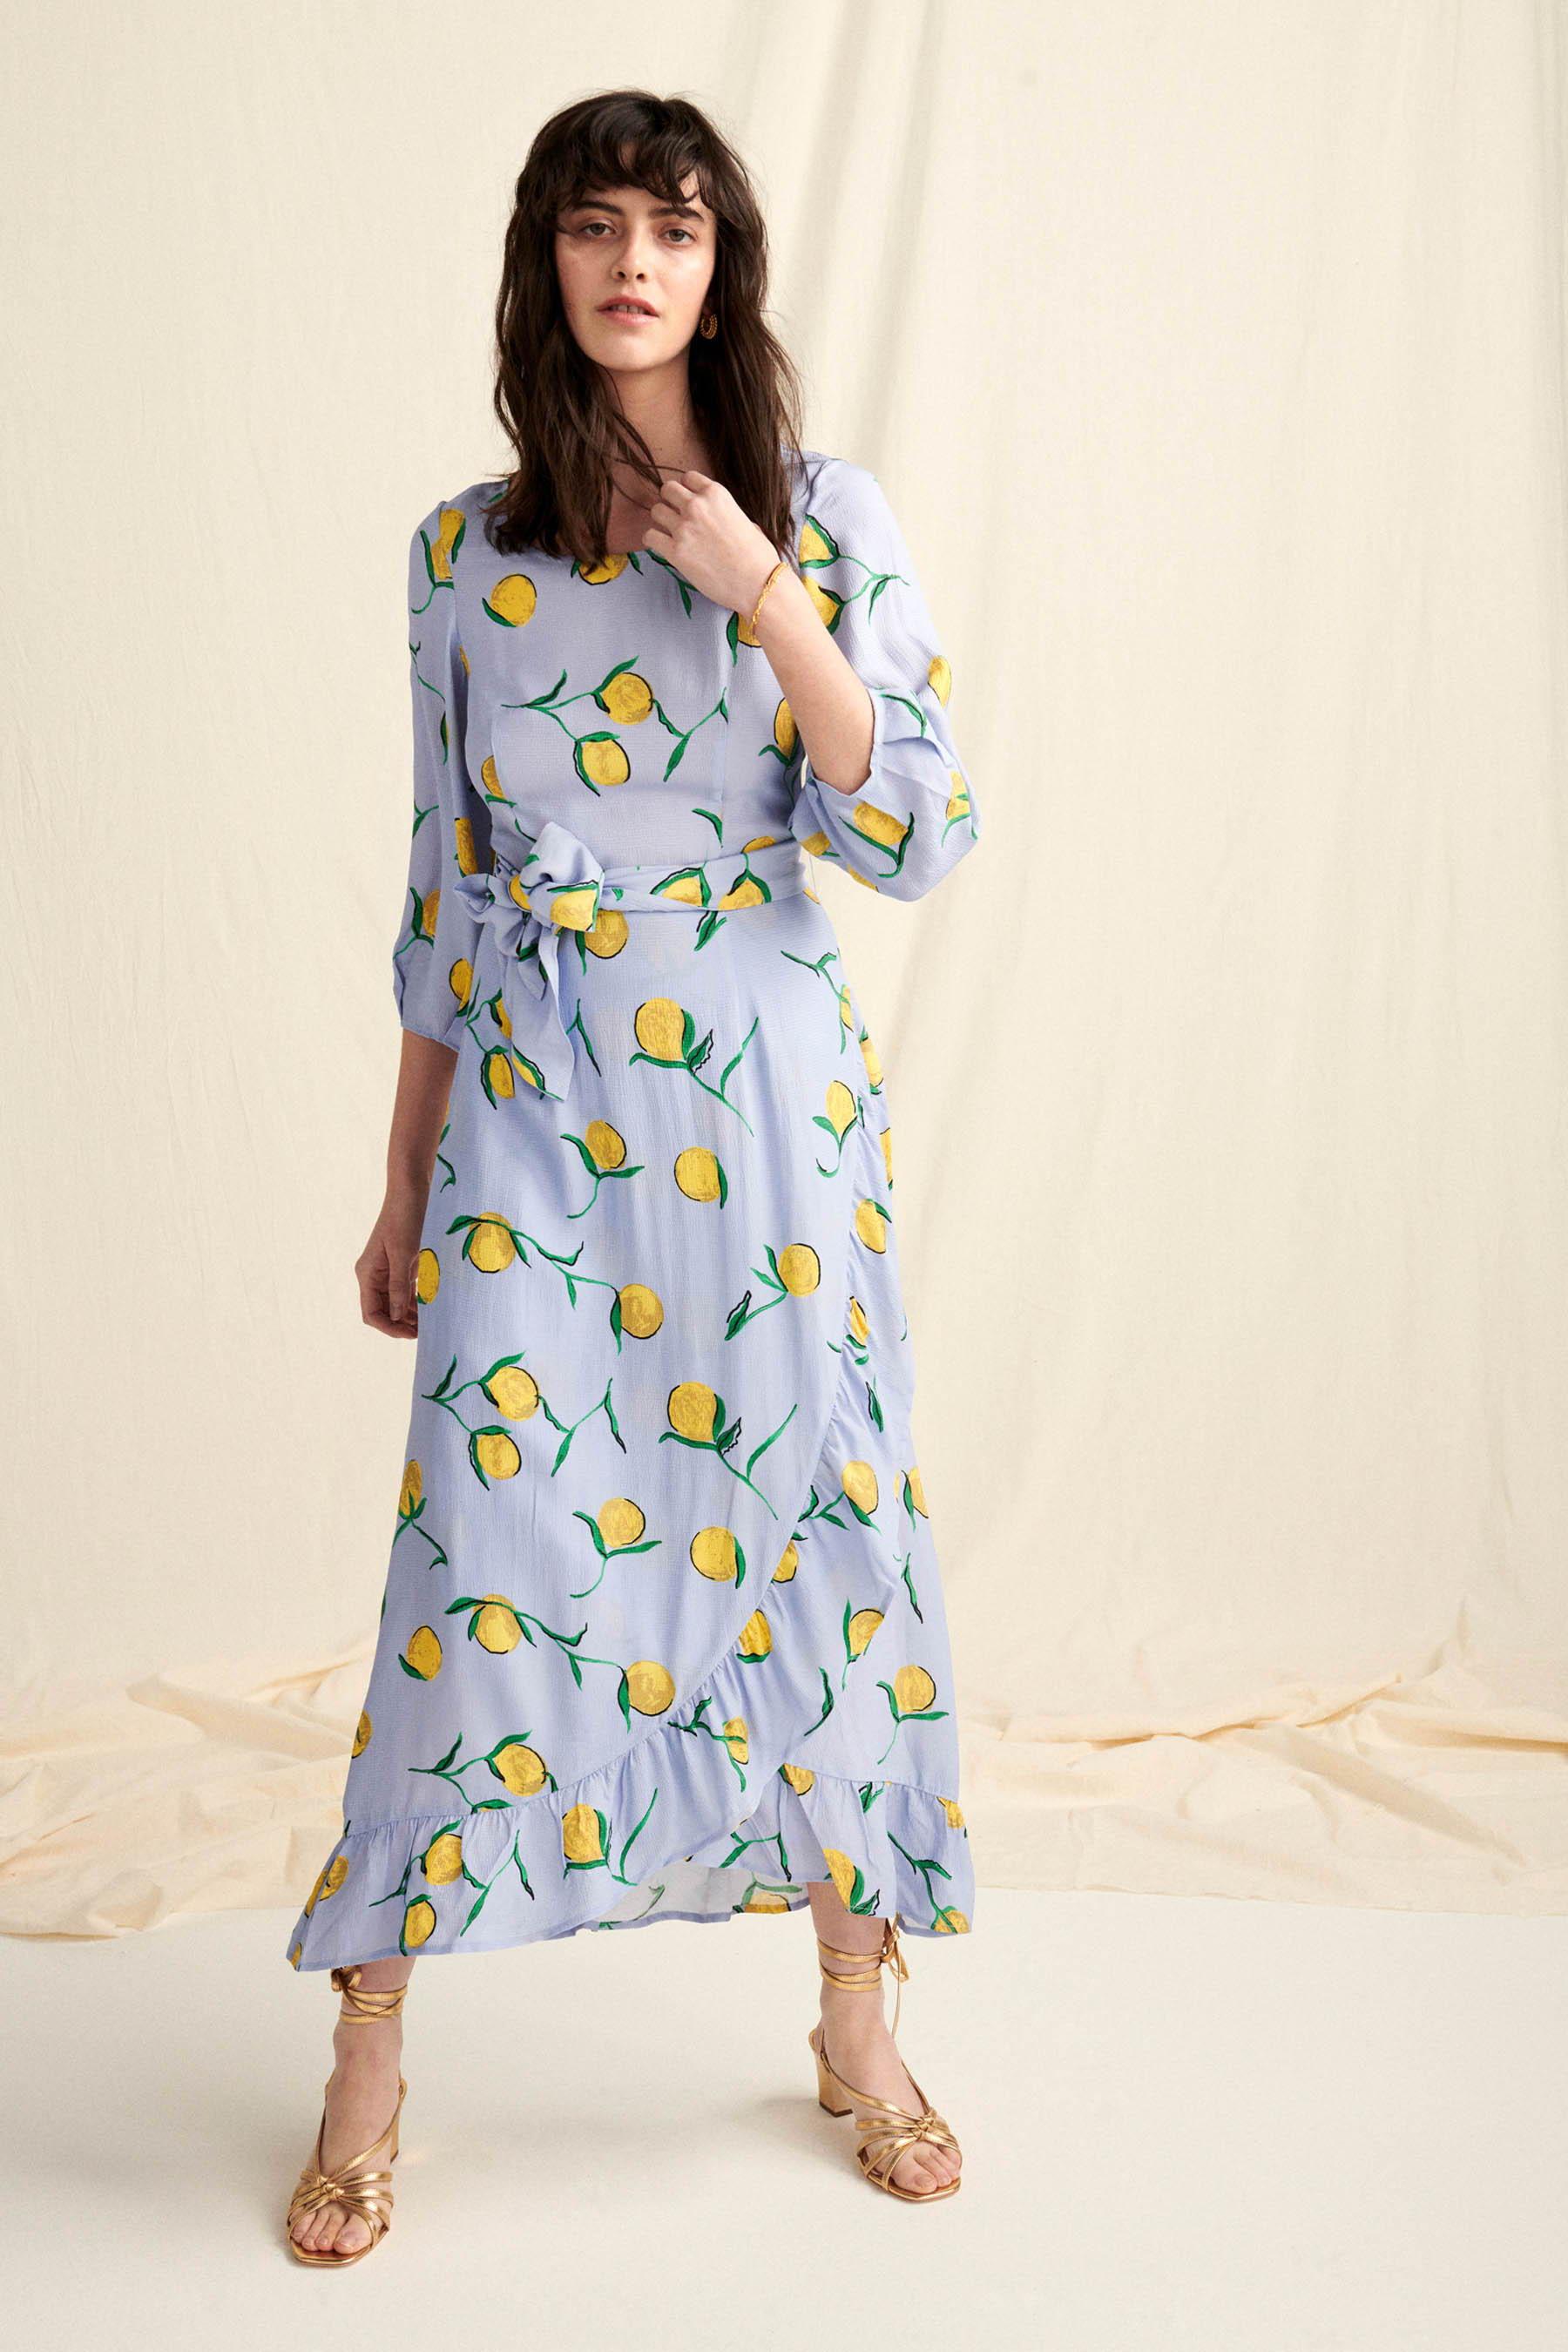 Lemon printed women's tiered frill skirt